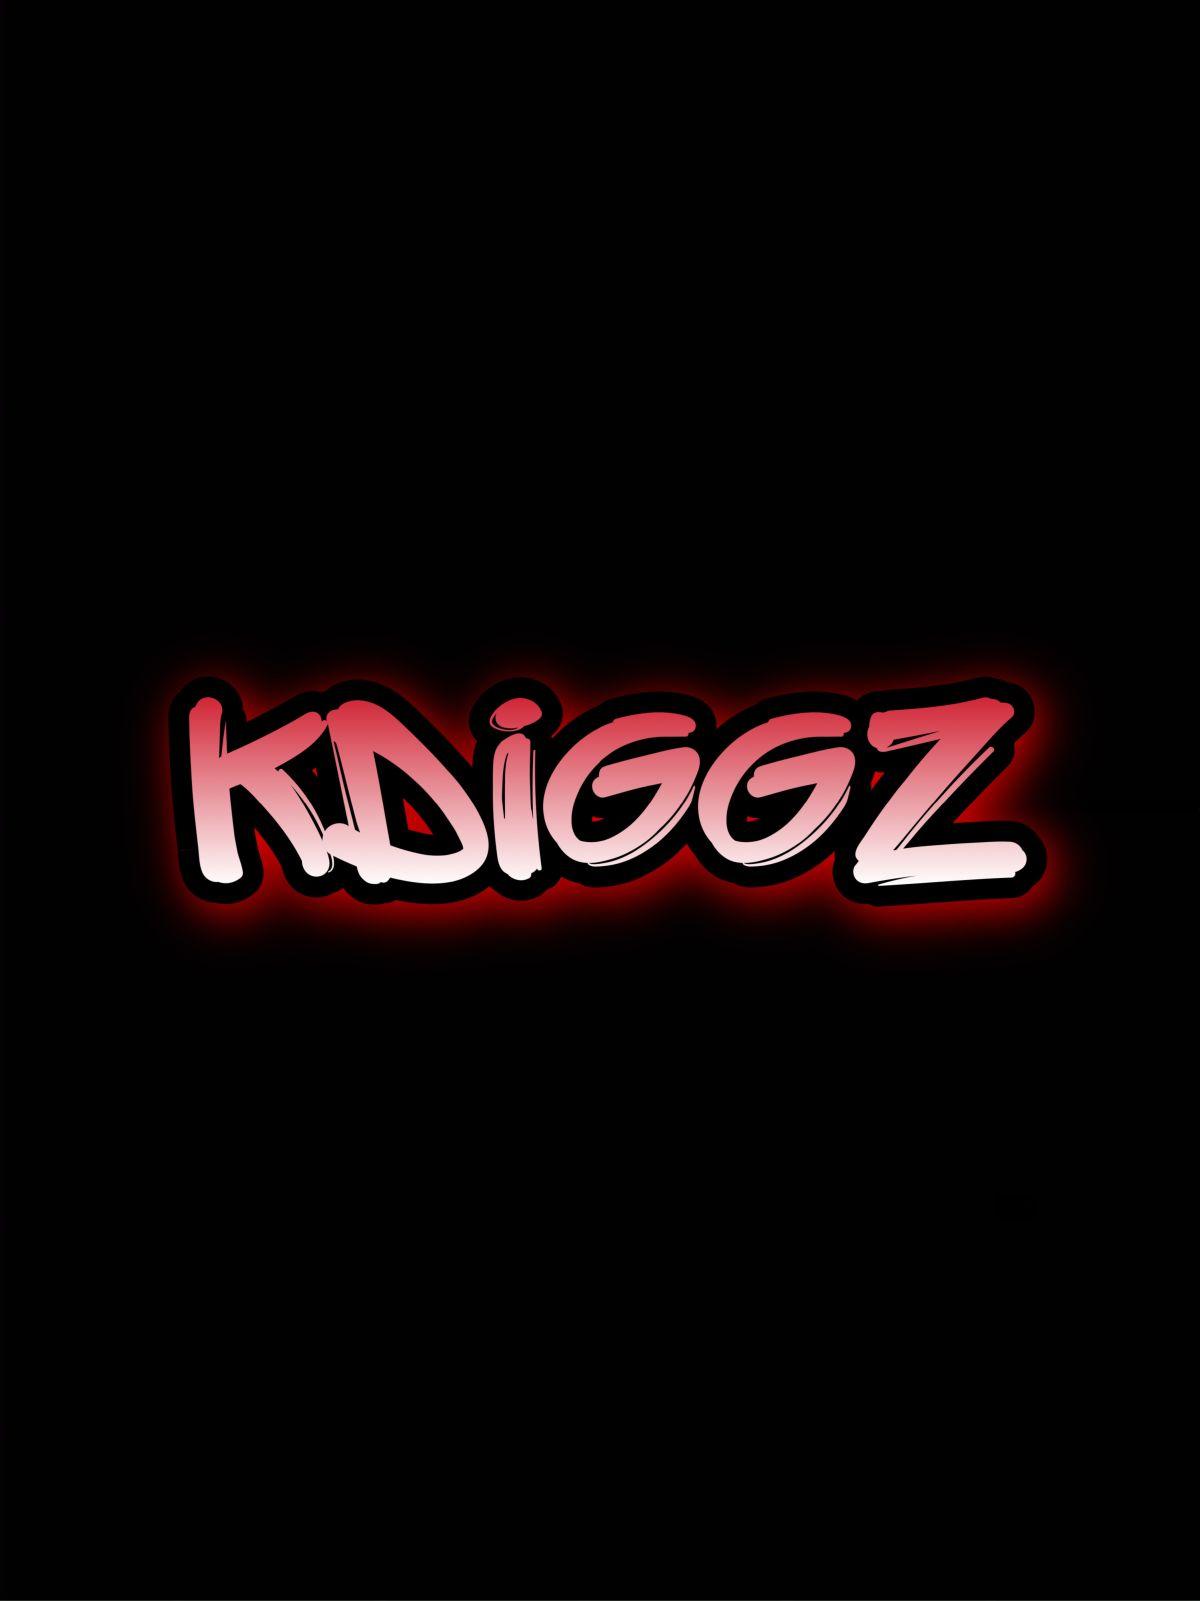 @isdb__kdiggz